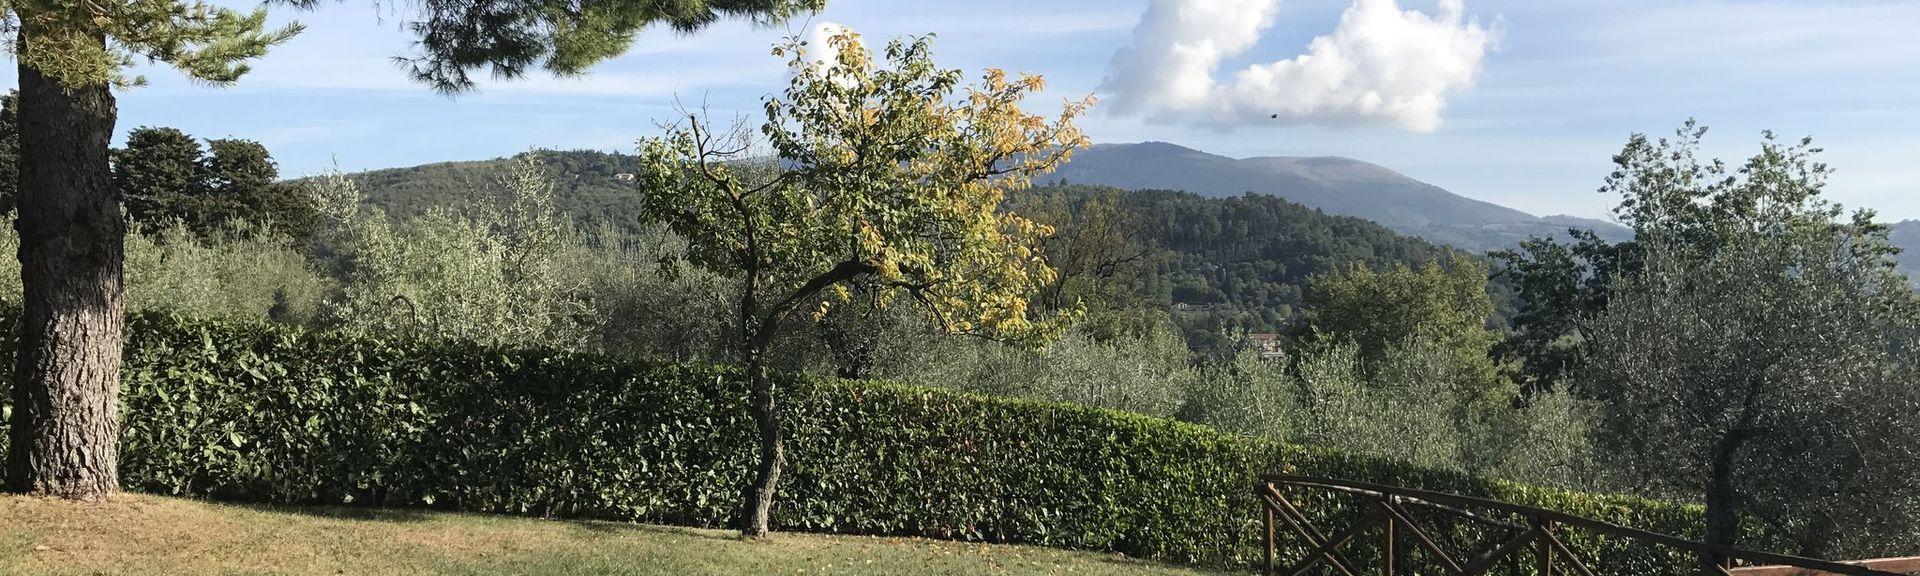 Castel Rigone, Perugia, Umbria, Italy